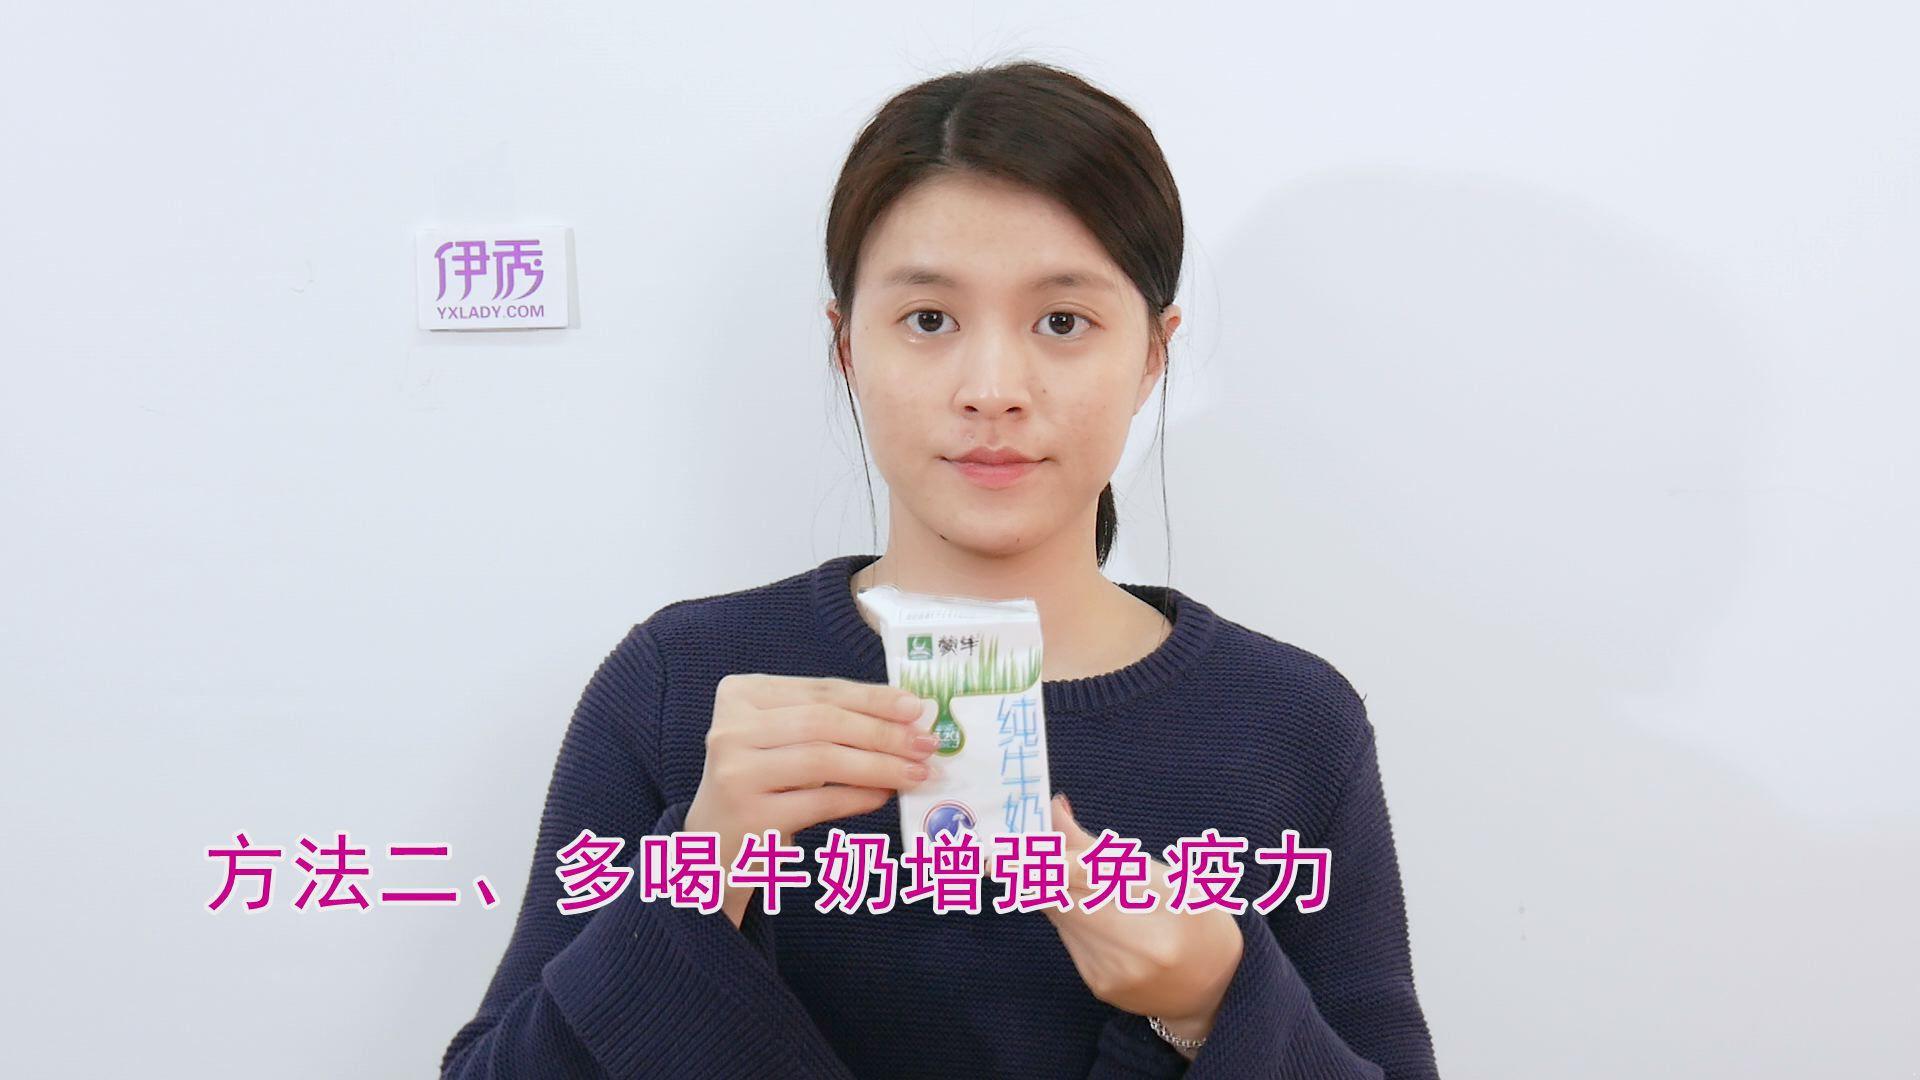 感冒吃啥药效果好_感冒咳嗽吃什么好的快,五个要点要知道_伊秀视频|yxlady.com